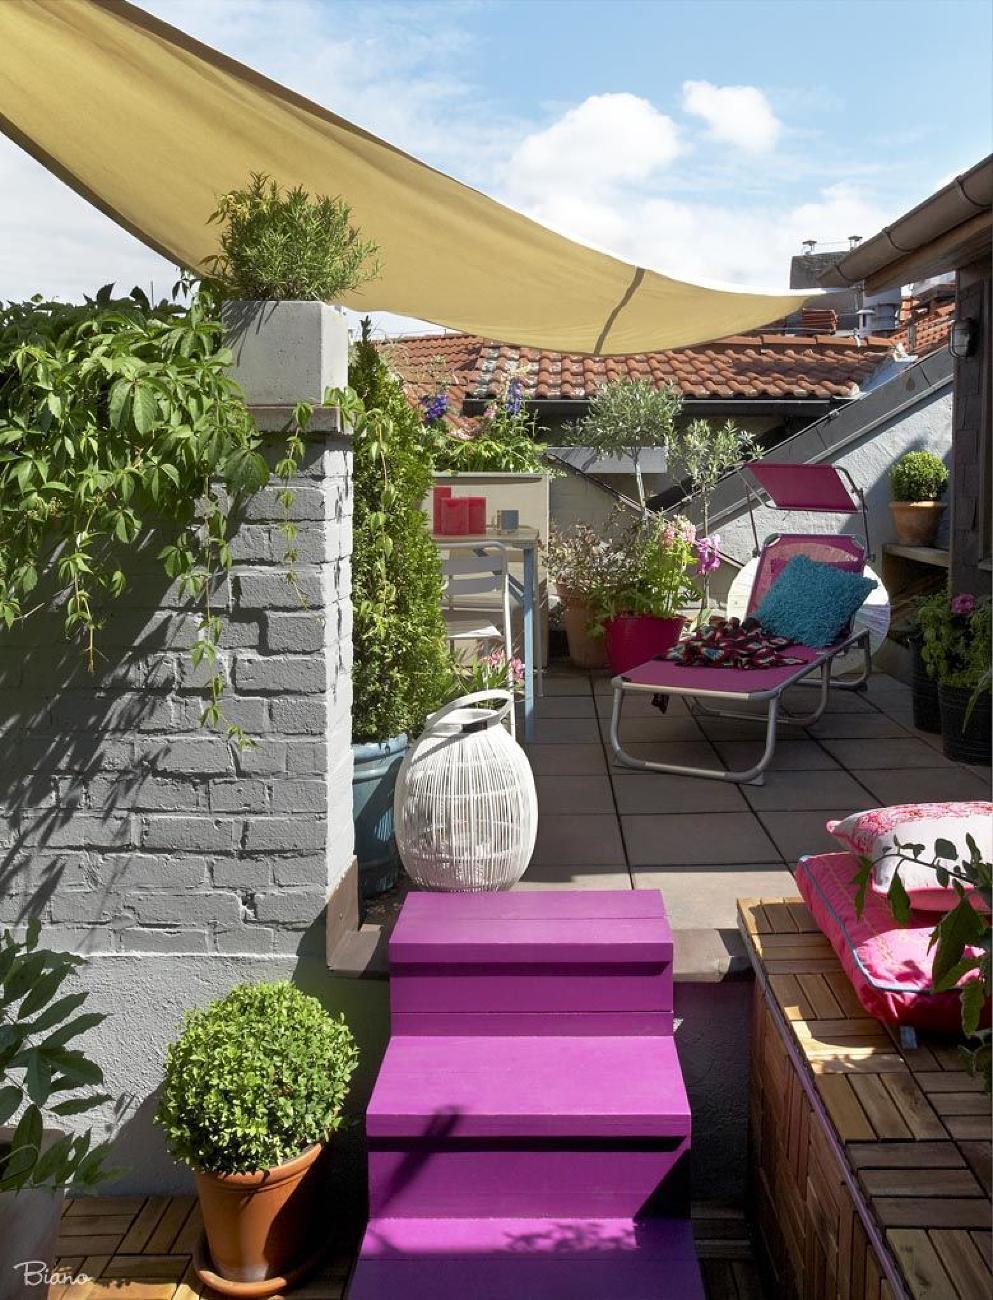 Priestor na streche sa dá vďaka dispozícii krásne zastrešiť. Na terase tak v podstate vznikla ďalšia izba.